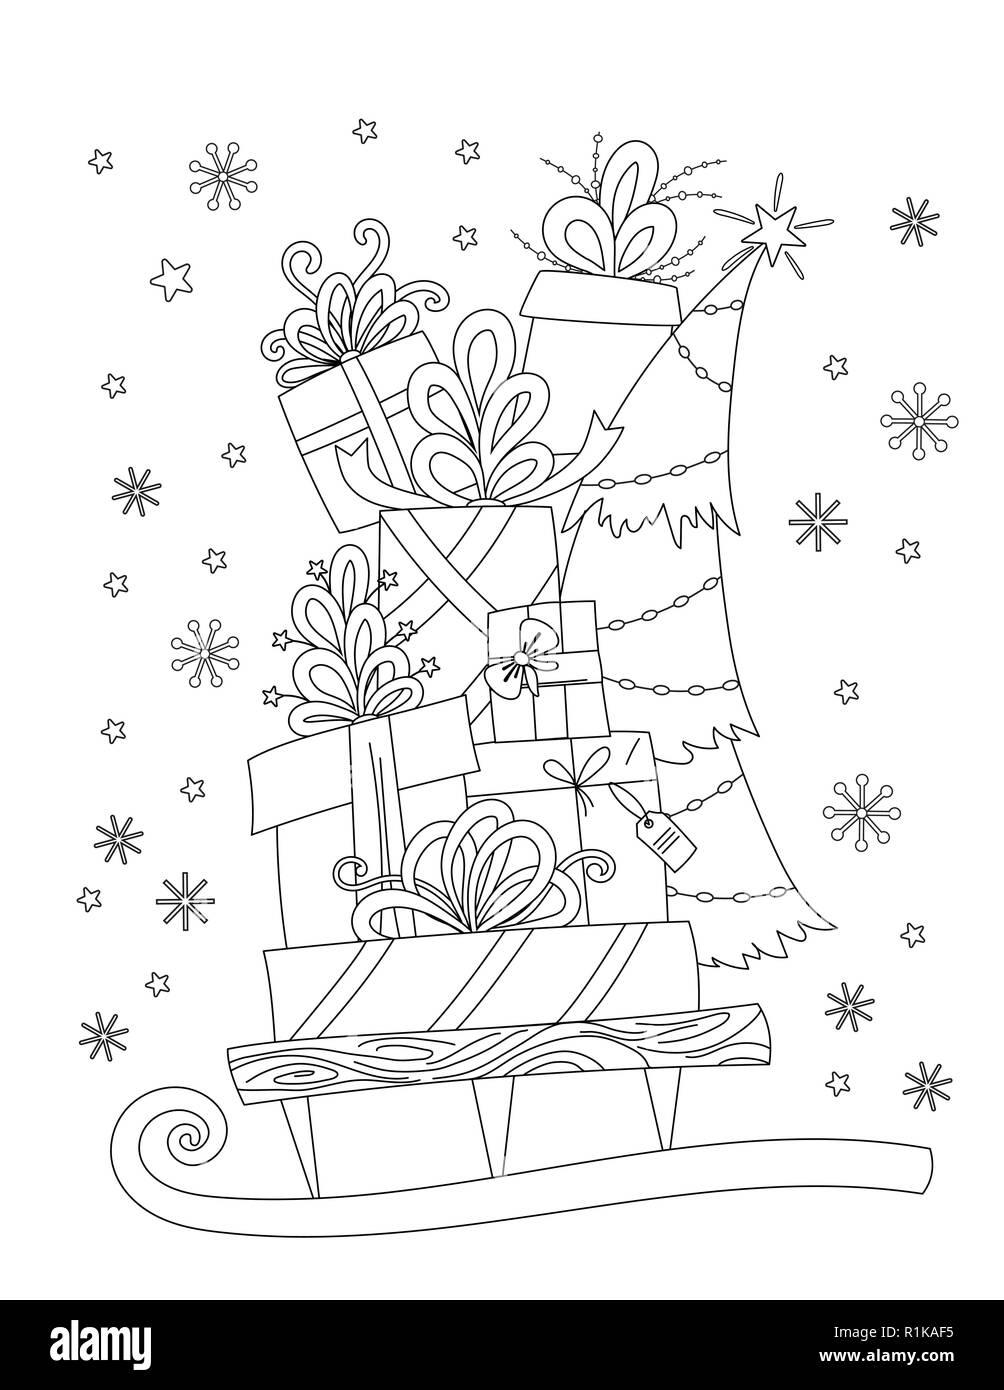 Disegni Di Natale Da Colorare Per Adulti.Libro Da Colorare Per Adulti Immagini E Fotos Stock Alamy